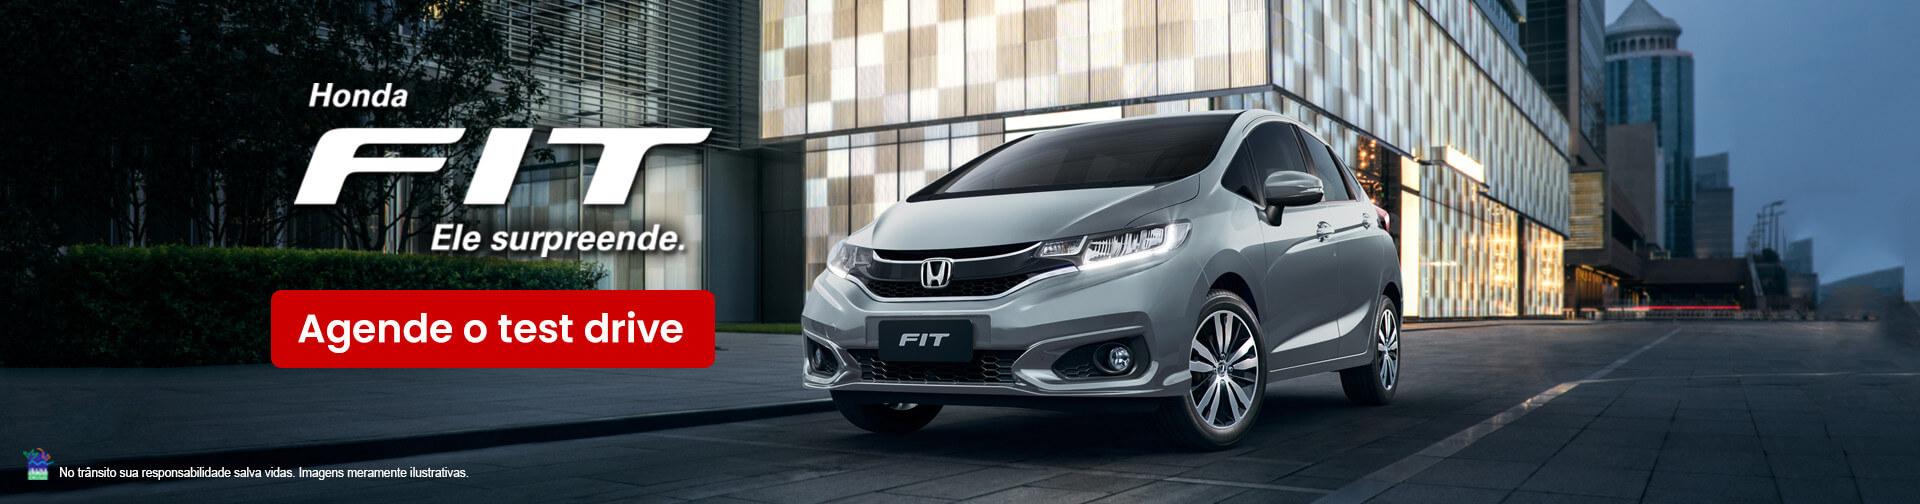 carro-honda-fit-Honda-Beni-Car